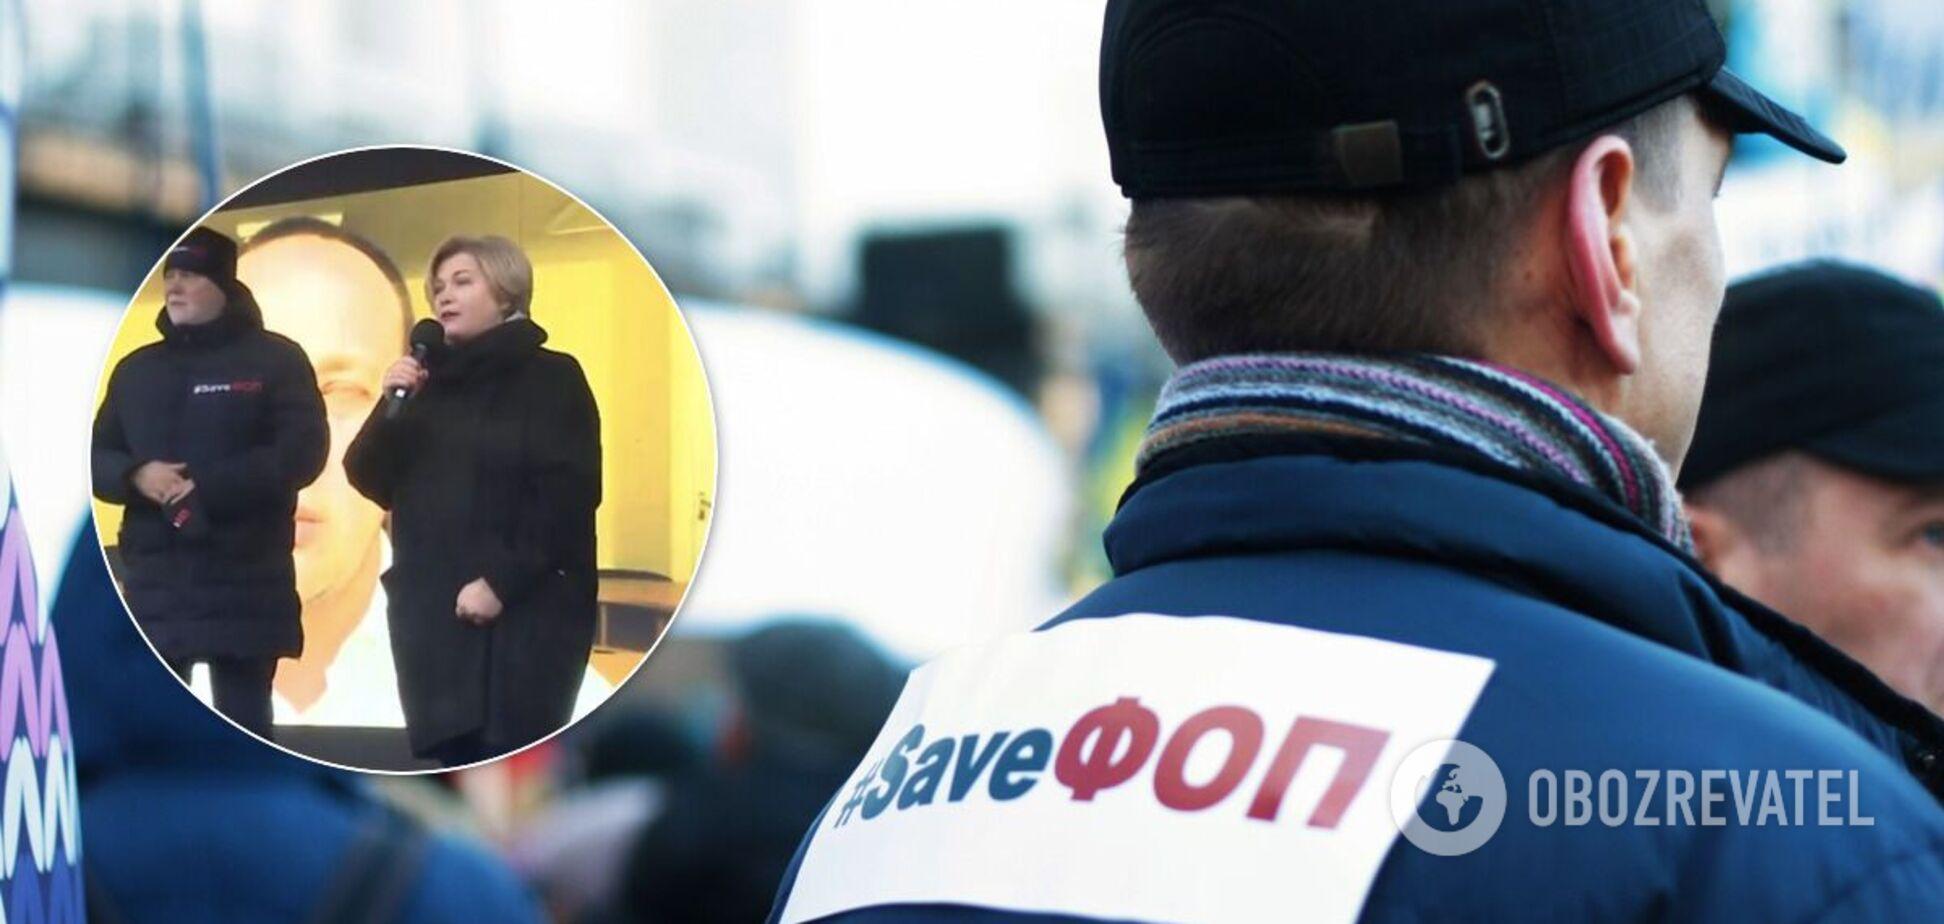 Геращенко призвала власть поддержать малый и средний бизнес во время карантина